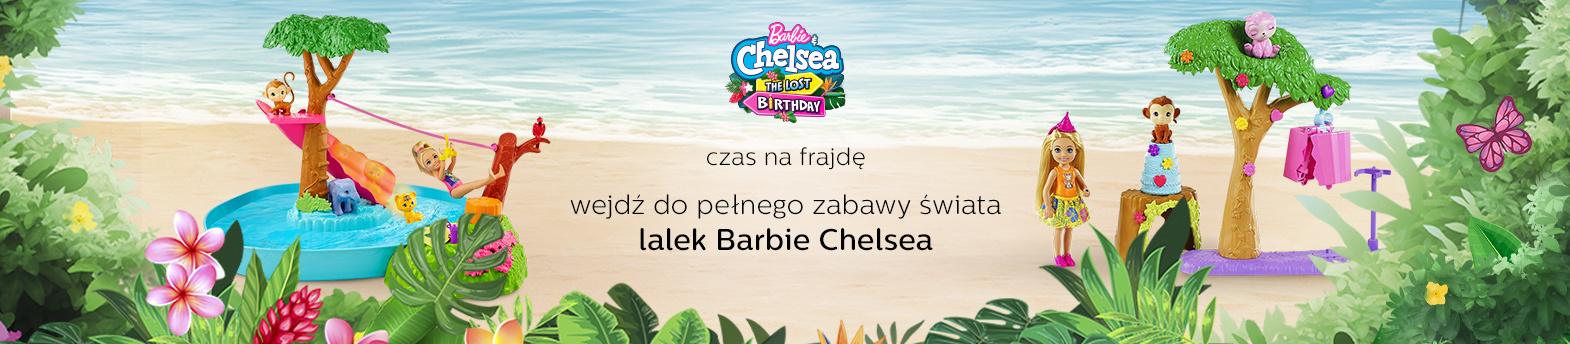 Barbie® Chelsea - nowości